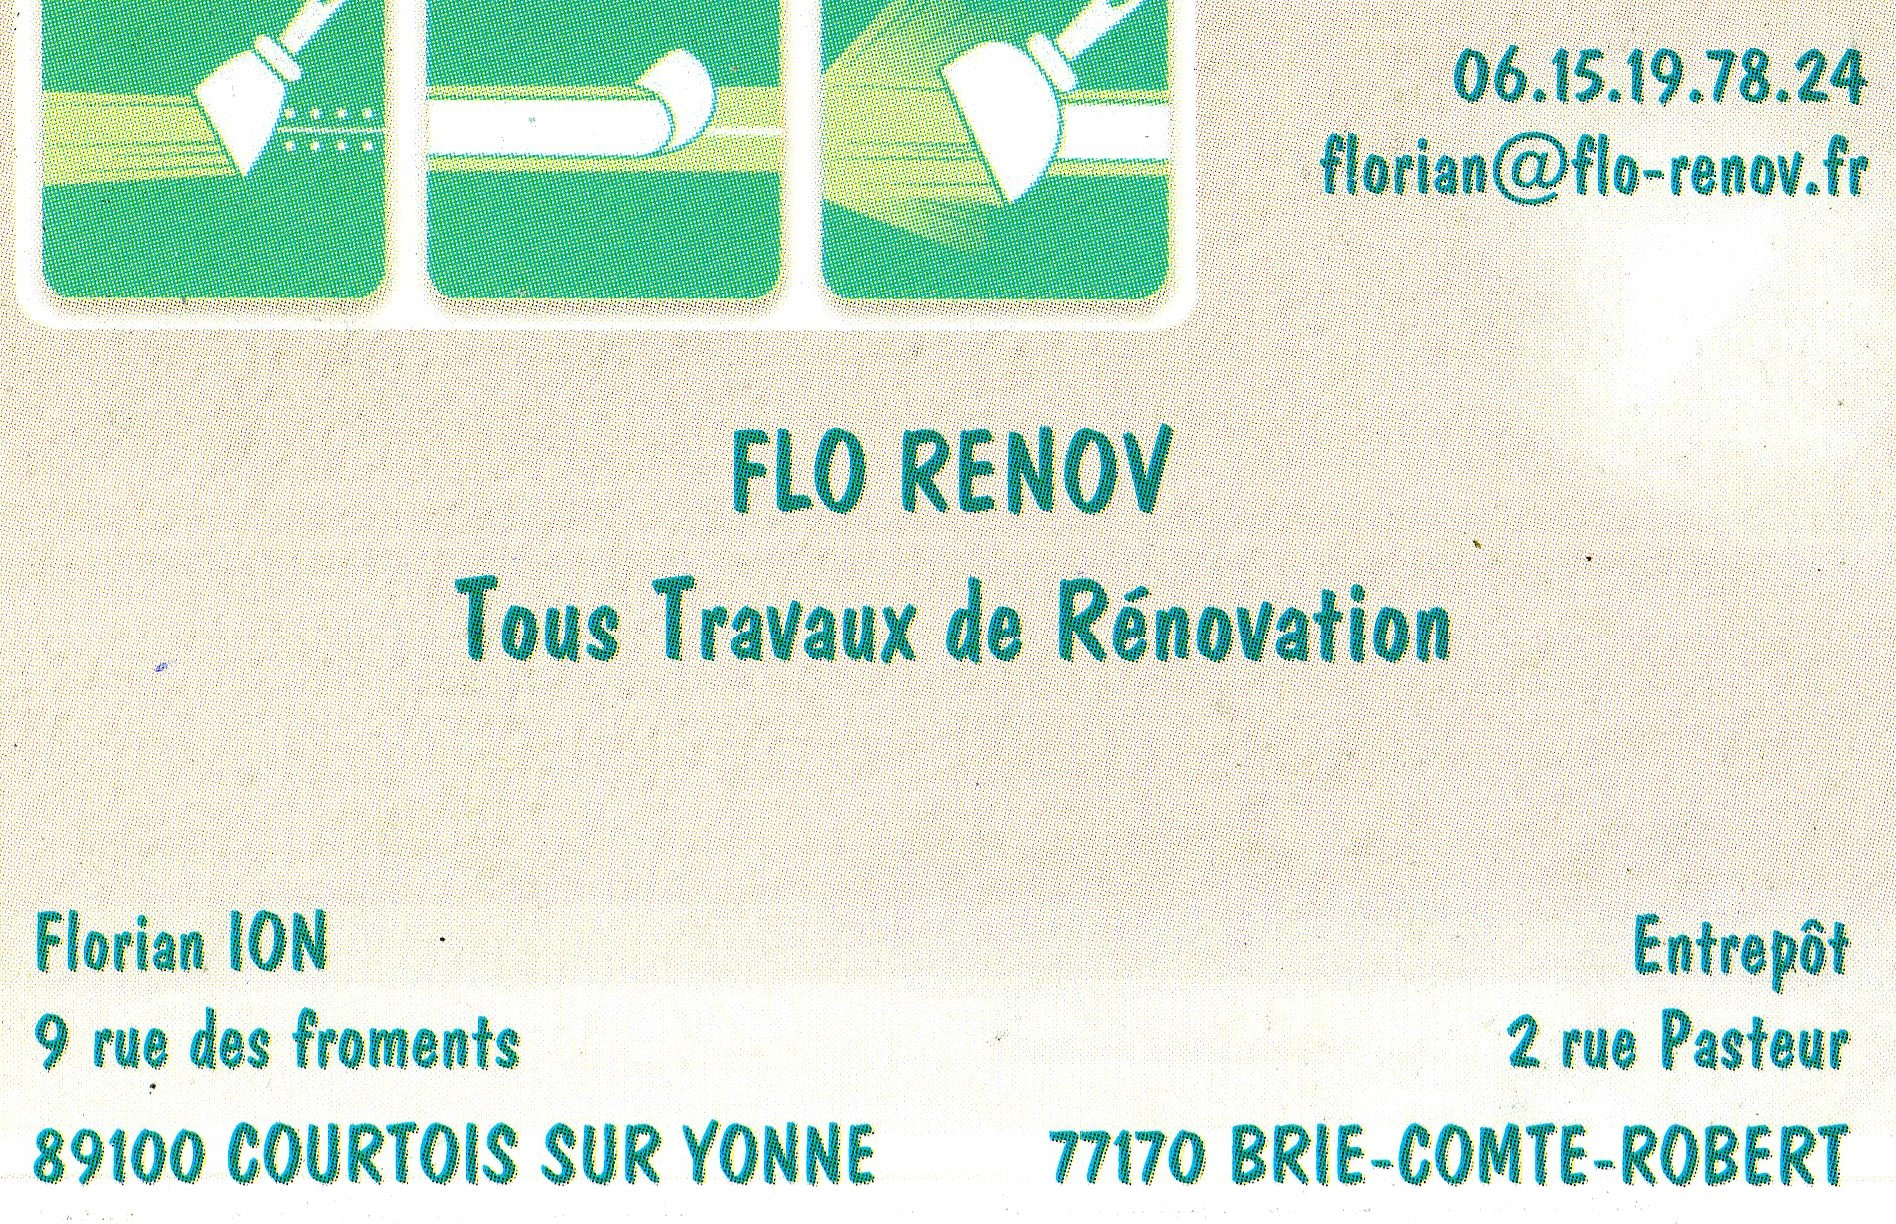 Florenov027